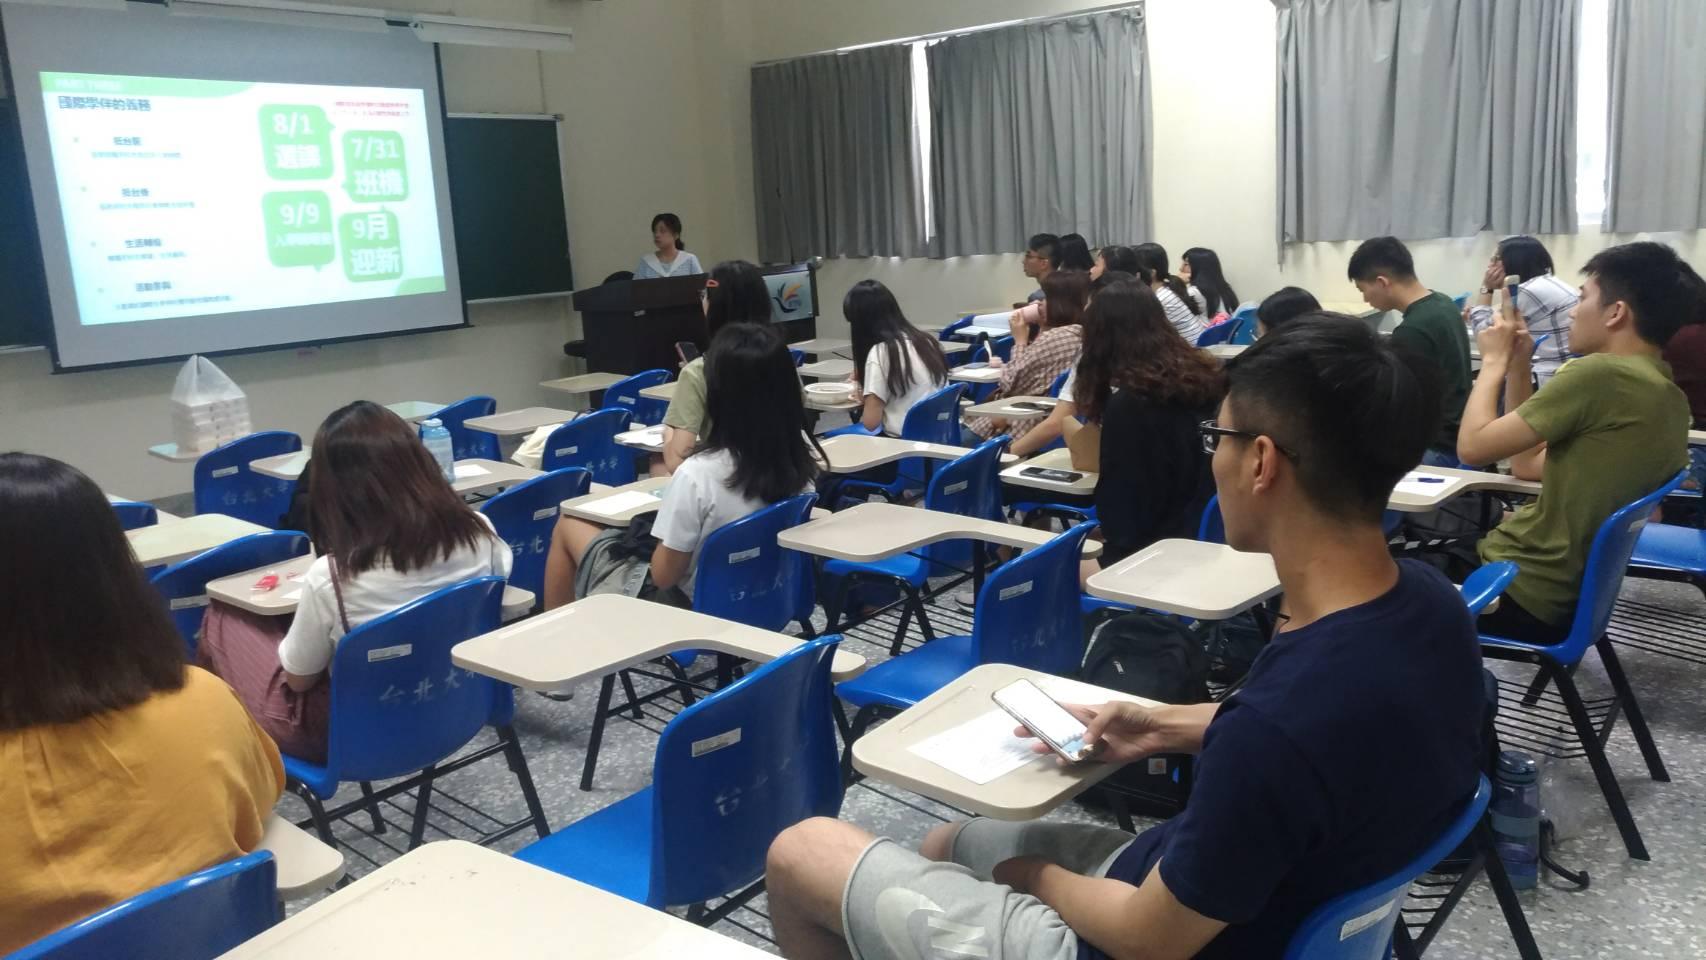 【國際處新聞 OIA News】108學年度第1學期國際學伴說明會圓滿落幕